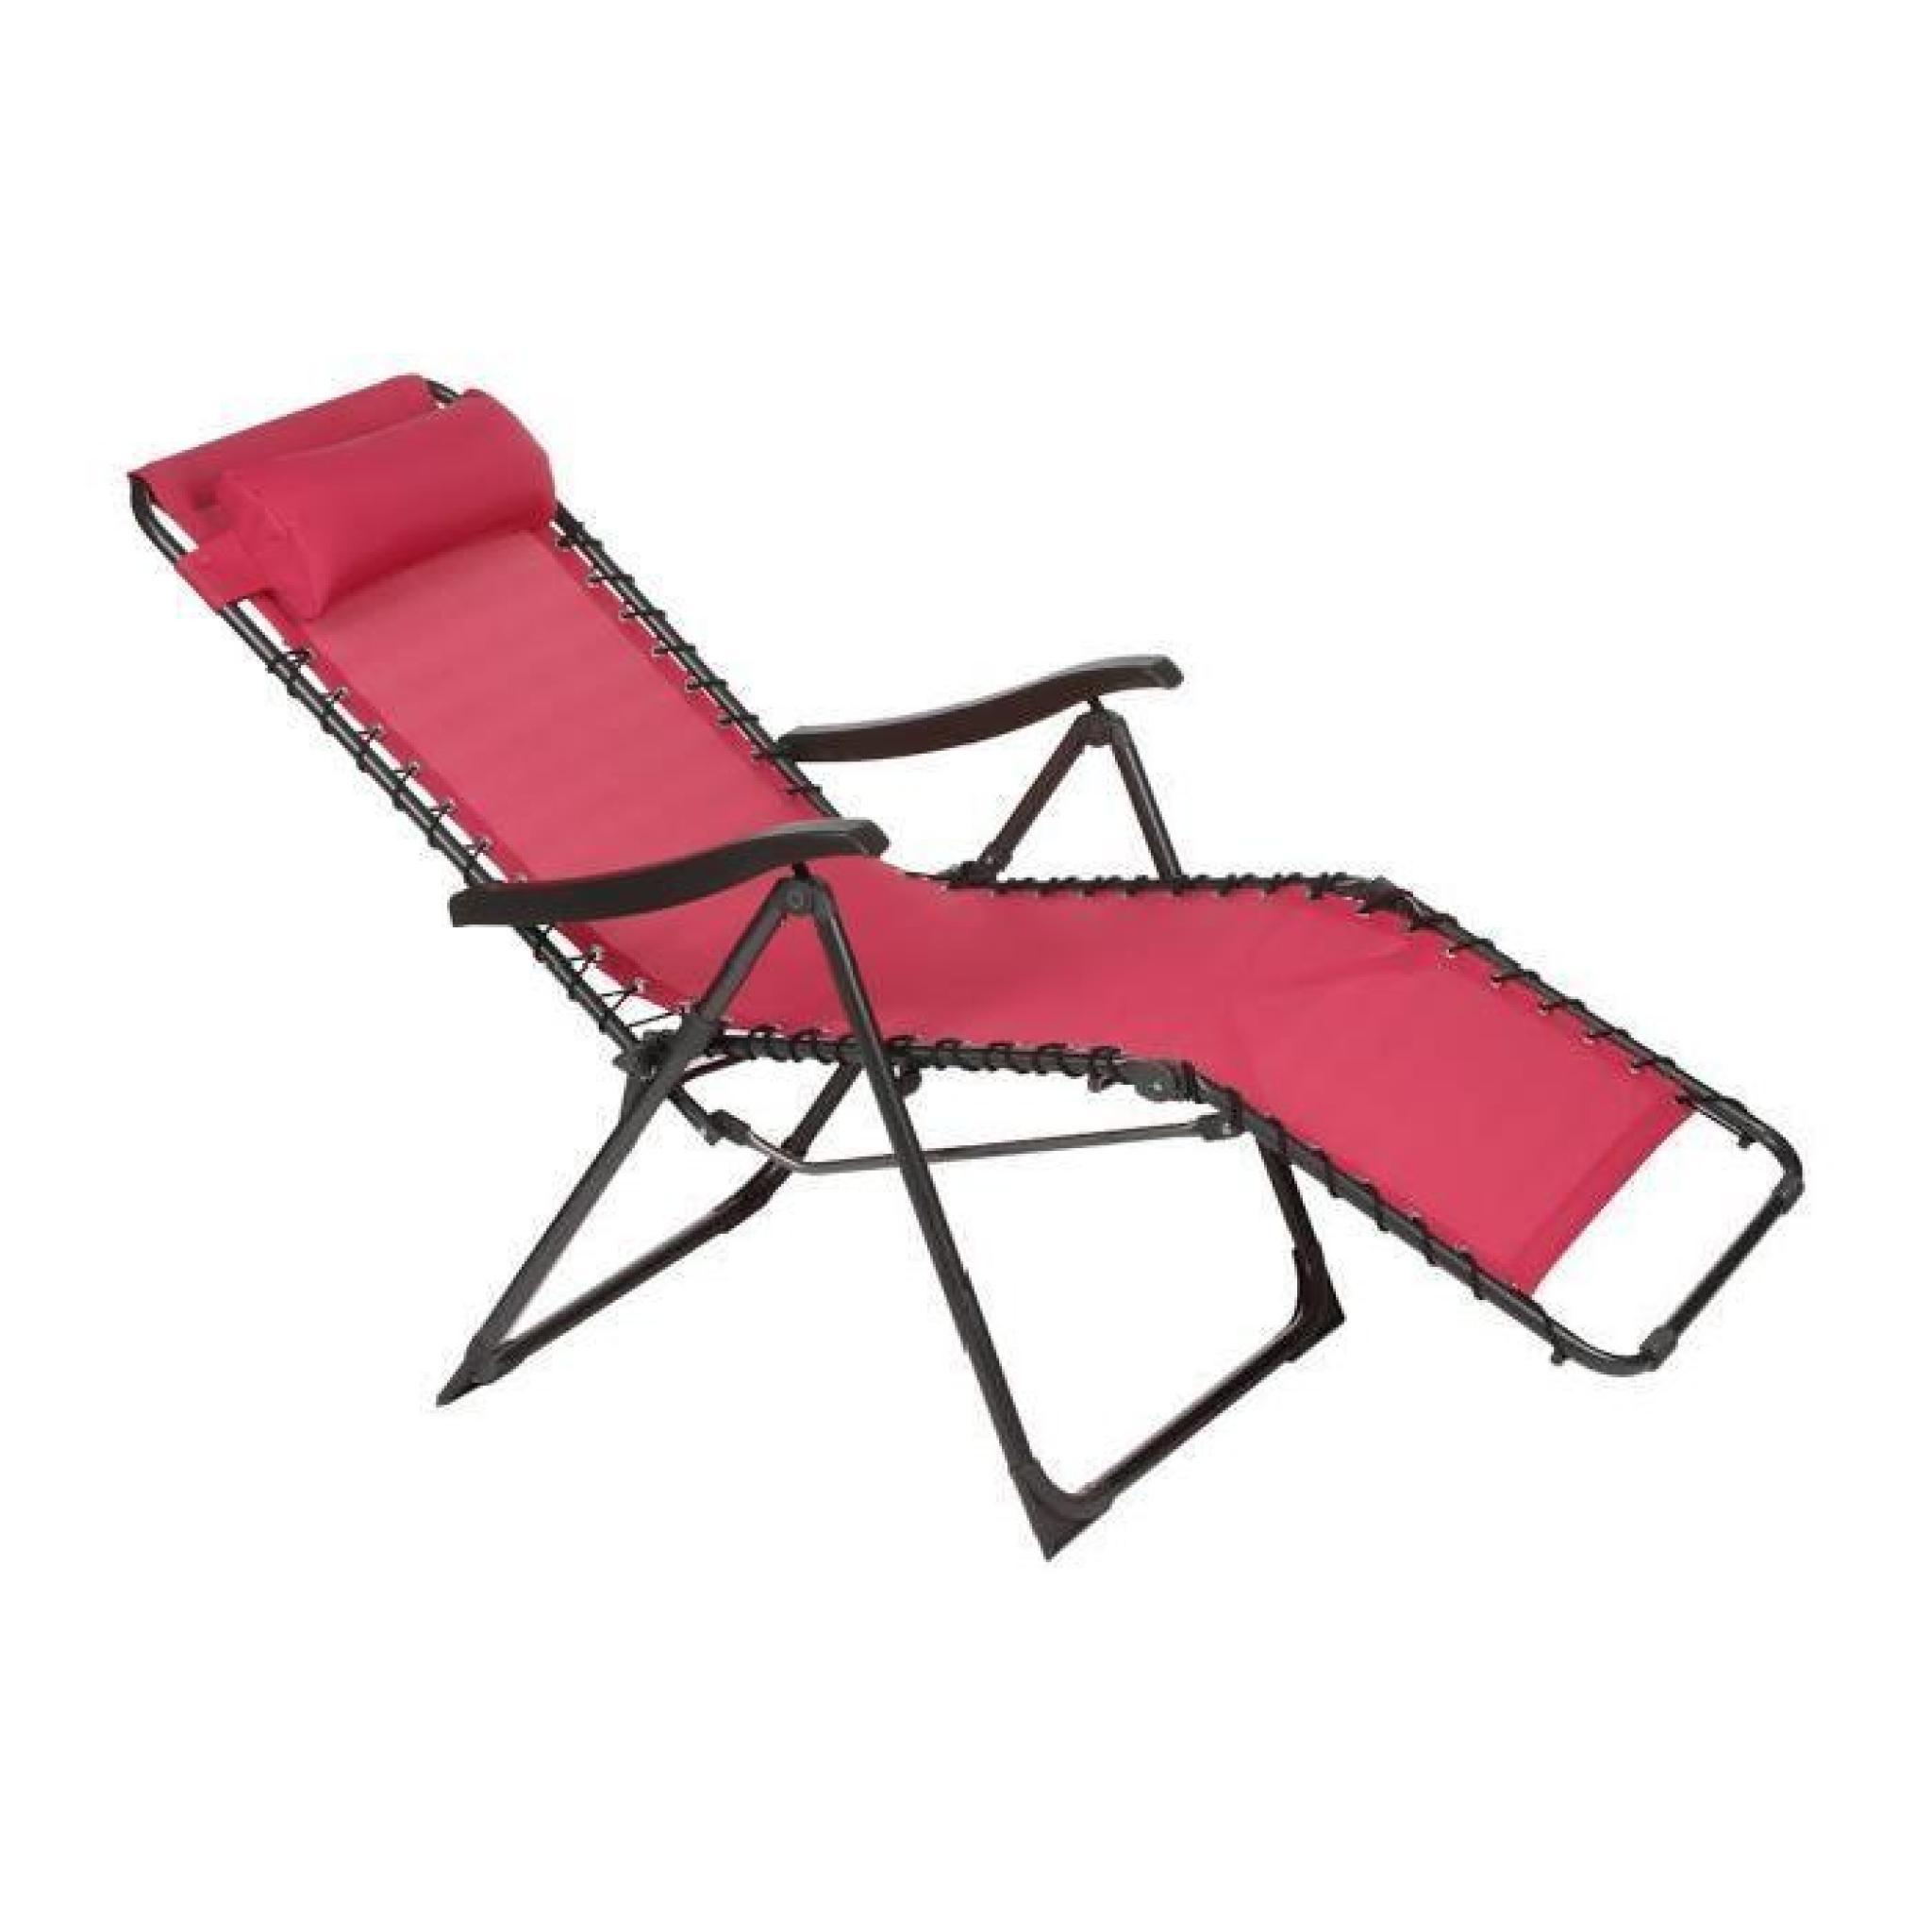 chaise longue framboise en acier et texaline dim 93 x. Black Bedroom Furniture Sets. Home Design Ideas